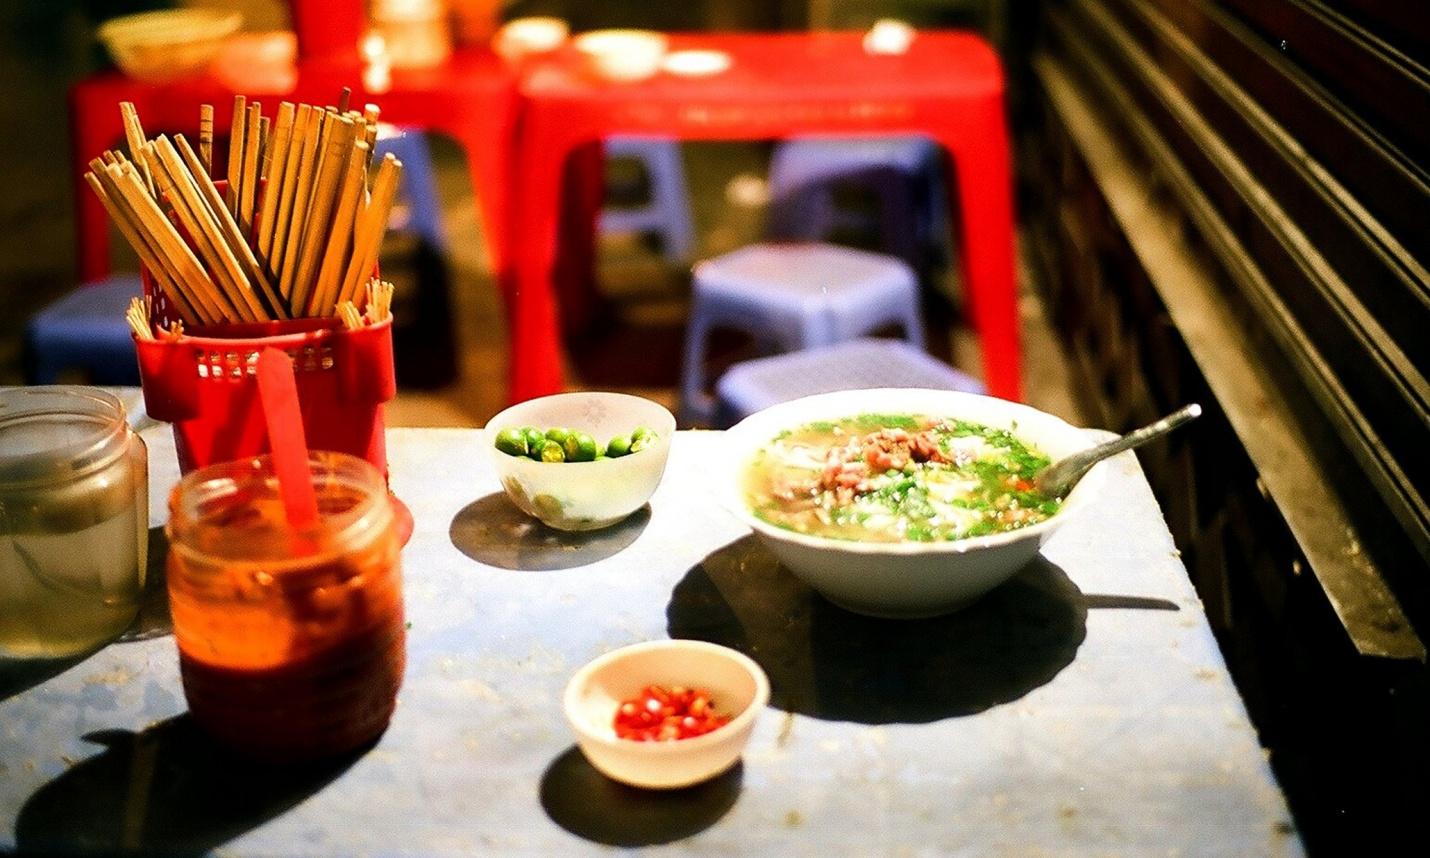 'Thực đơn' du lịch khám phá Hà Nội của du khách nước ngoài trong 3 ngày